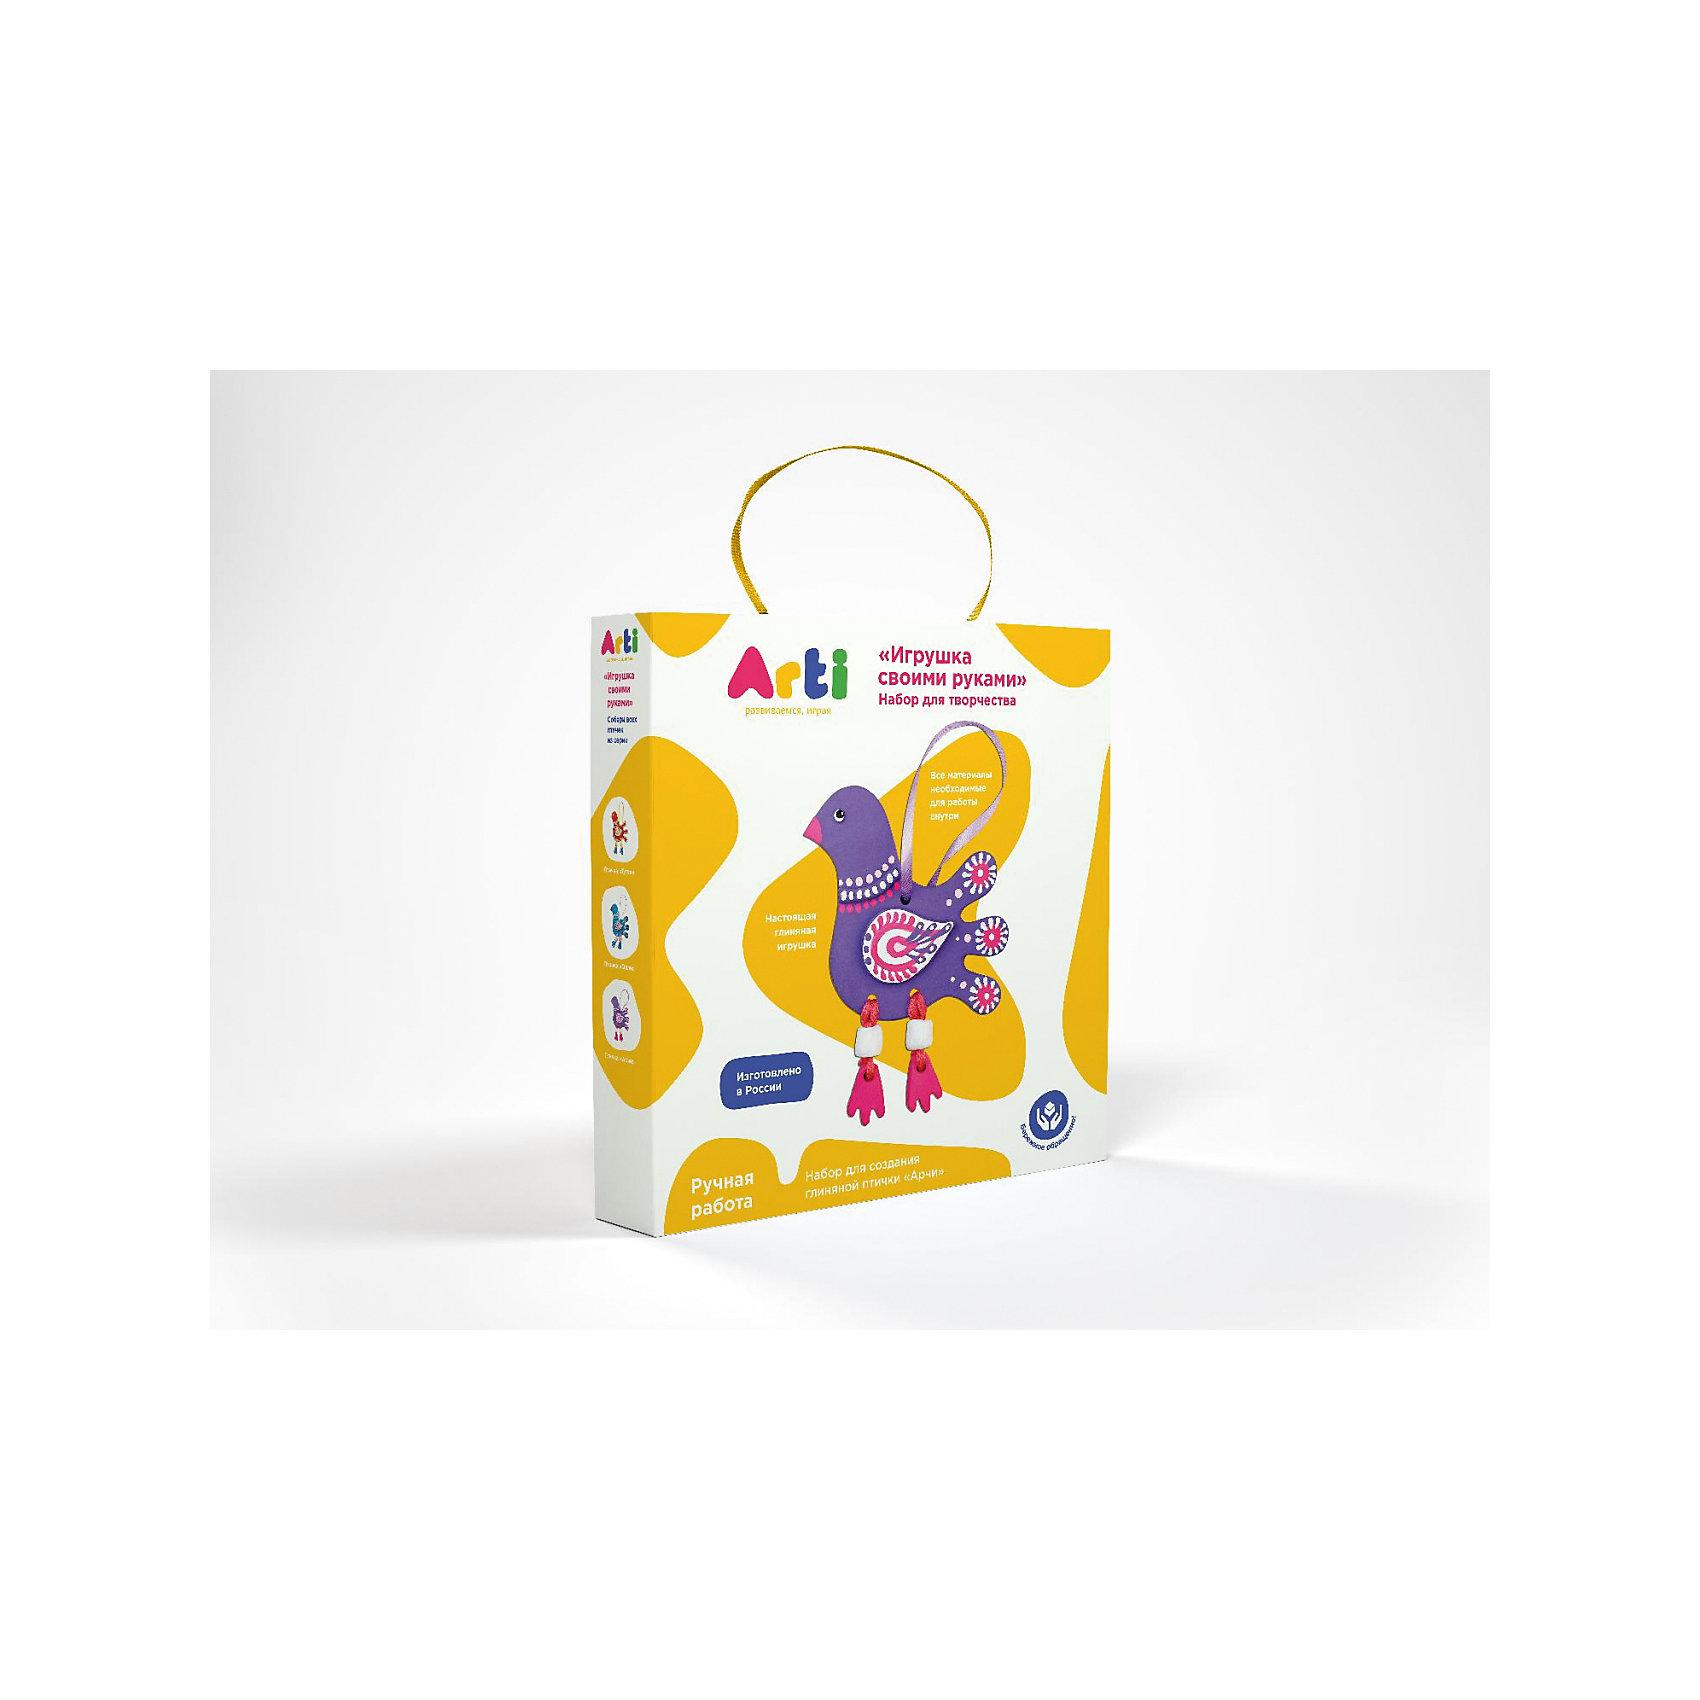 Набор для творчества Глиняная птичка АрчиНаборы для раскрашивания<br>Набор для творчества Глиняная птичка Арчи.<br><br>Характеристика: <br><br>• Возраст: от 3 лет<br>• Материал: глина, текстиль, краски, дерево, шерсть. <br>• Размер упаковки: 3х18х18 см. <br>• Комплектация: детали рыбки, акриловые краски, кисть, шерстяные нити, деревянная палочка для работы с нитями, ленточка для подвеса изделия.<br>• Объем 1 баночки с краской: 5 мл.<br>• Развивает моторику рук, мышление, внимание. фантазию, творческие способности. <br><br>С помощью этого замечательного набора ваш ребенок сможет создать яркую глиняную фигурку и раскрасить ее по своему вкусу. Все детали набора выполнены из высококачественных материалов. Доступная простая инструкция позволит детям самим сделать свою птичку Получившаяся фигурка обязательно украсит стену детской или же станет отличным подарком, сделанным своими руками. <br><br>Набор для творчества Глиняная птичка Арчи можно купить в нашем интернет-магазине.<br><br>Ширина мм: 180<br>Глубина мм: 180<br>Высота мм: 30<br>Вес г: 204<br>Возраст от месяцев: 36<br>Возраст до месяцев: 2147483647<br>Пол: Унисекс<br>Возраст: Детский<br>SKU: 5487925